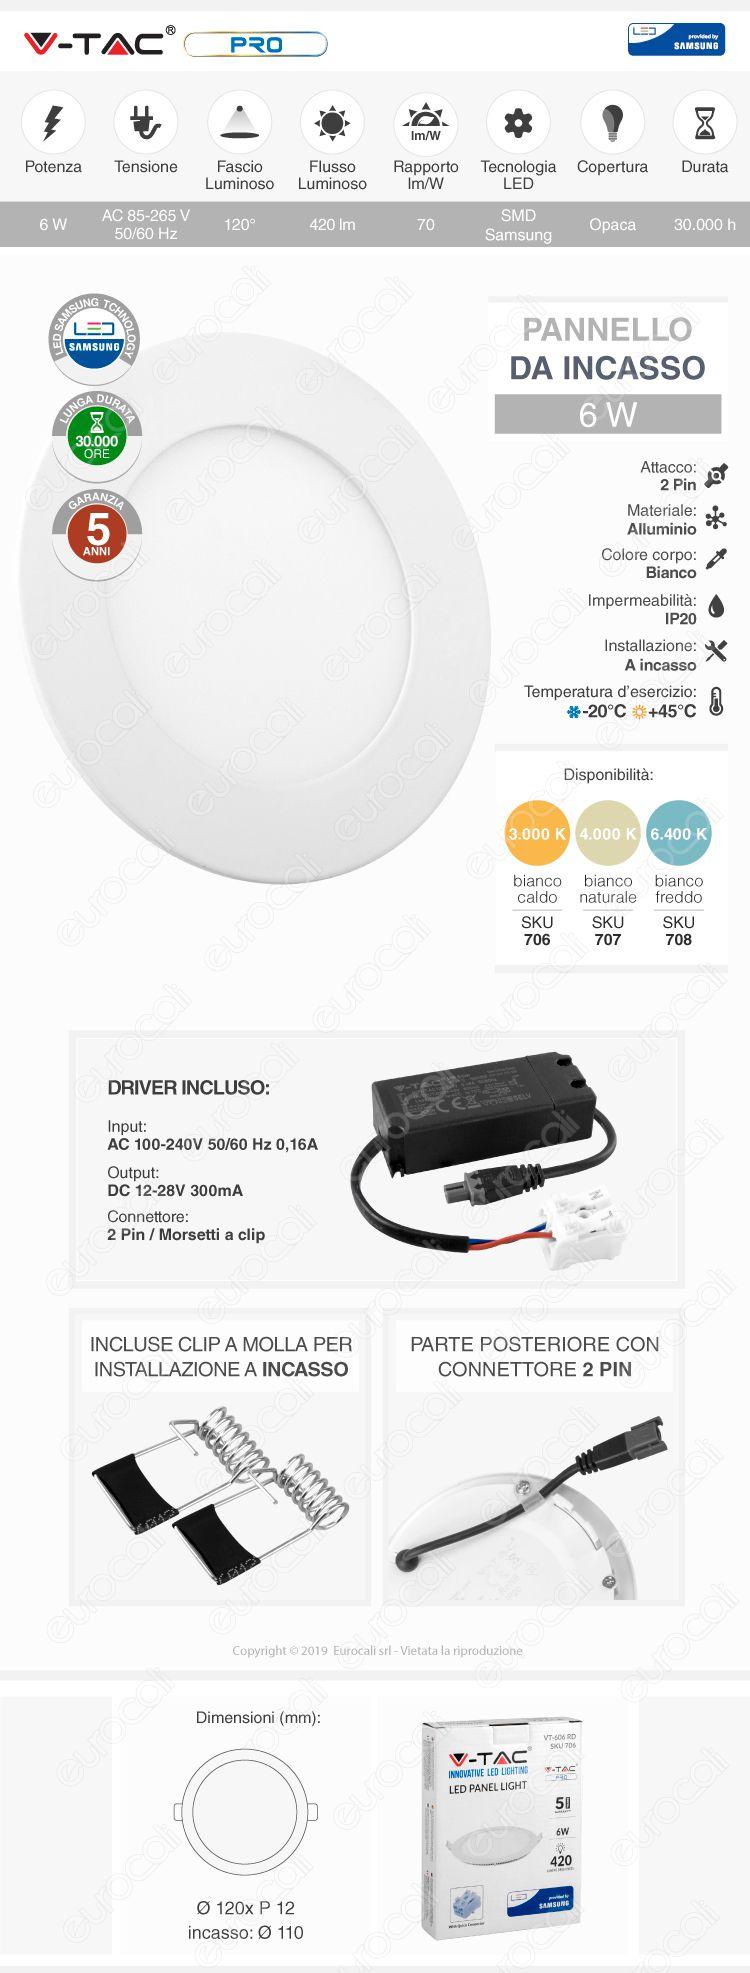 V-Tac PRO VT-606 RD Pannello LED Rotondo 6W SMD da Incasso con Driver con Chip Samsung